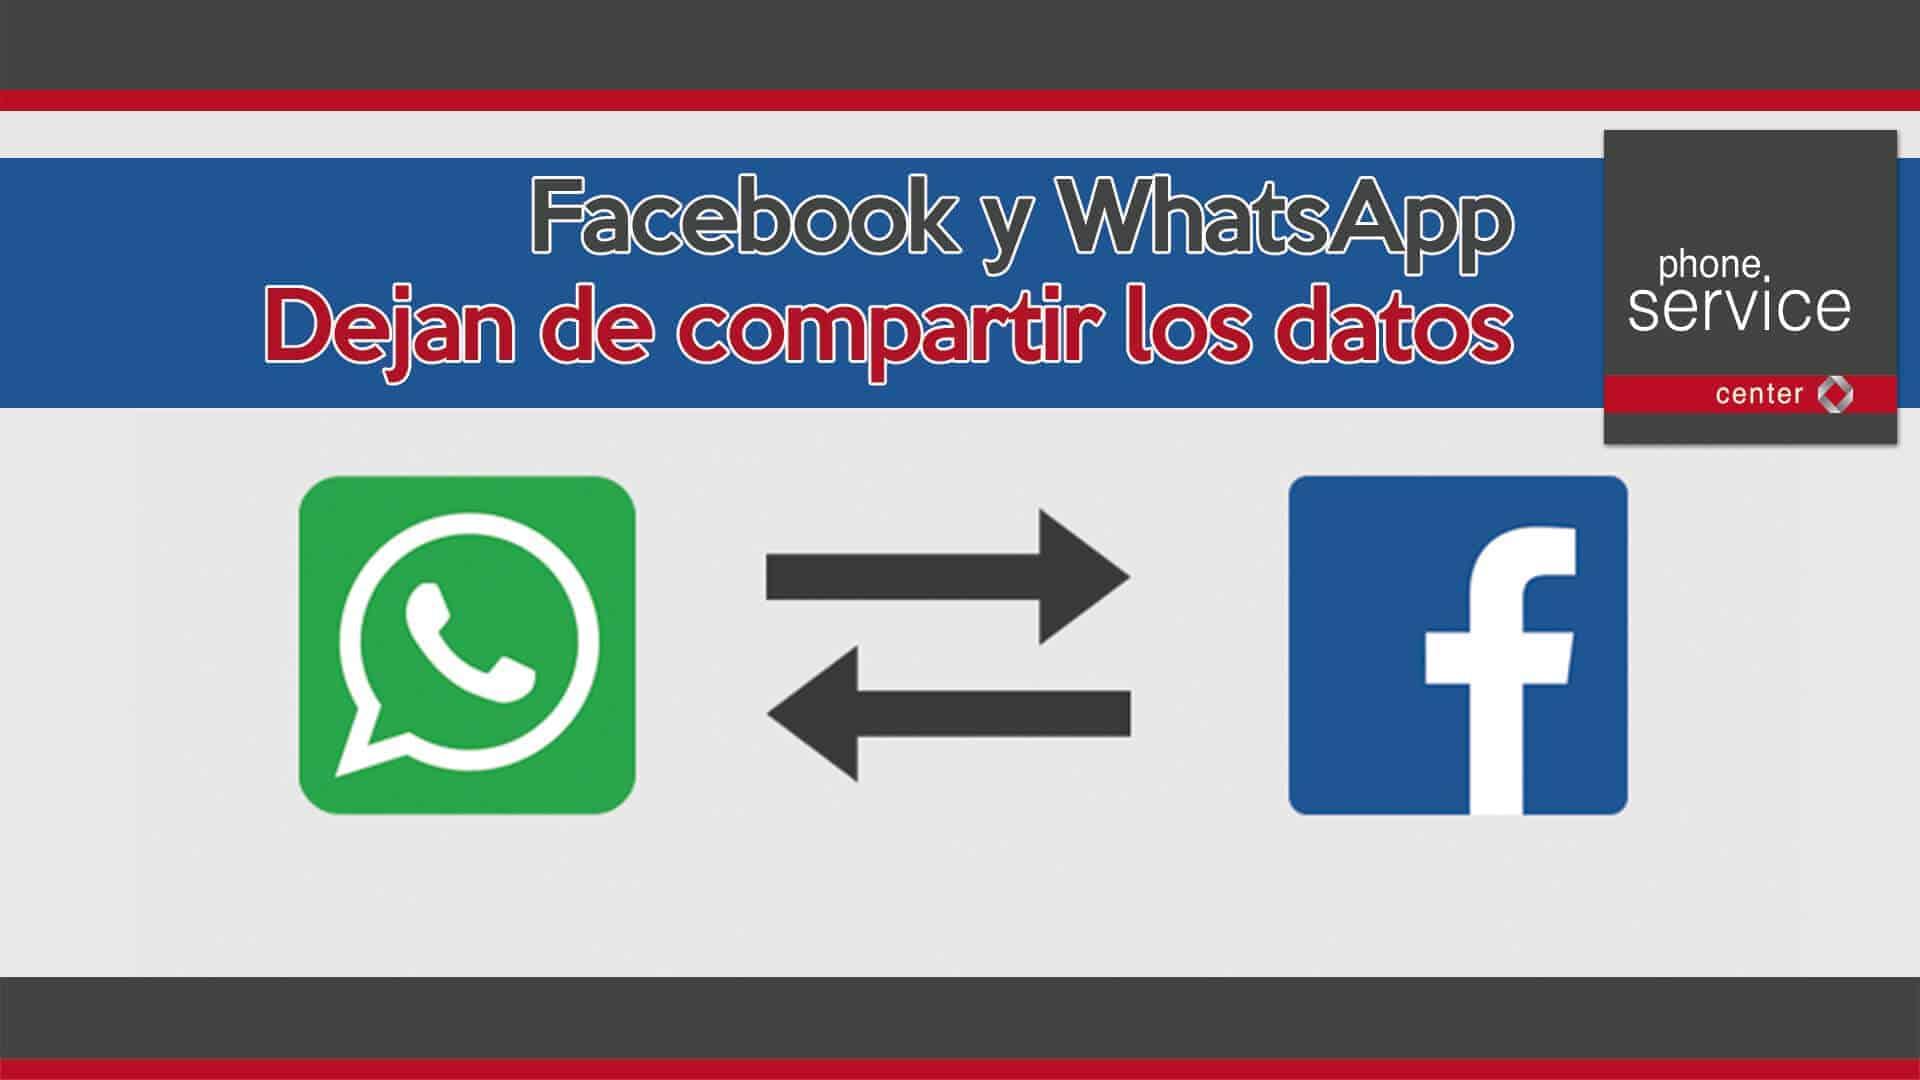 Facebook y WhatsApp dejan de compartir datos